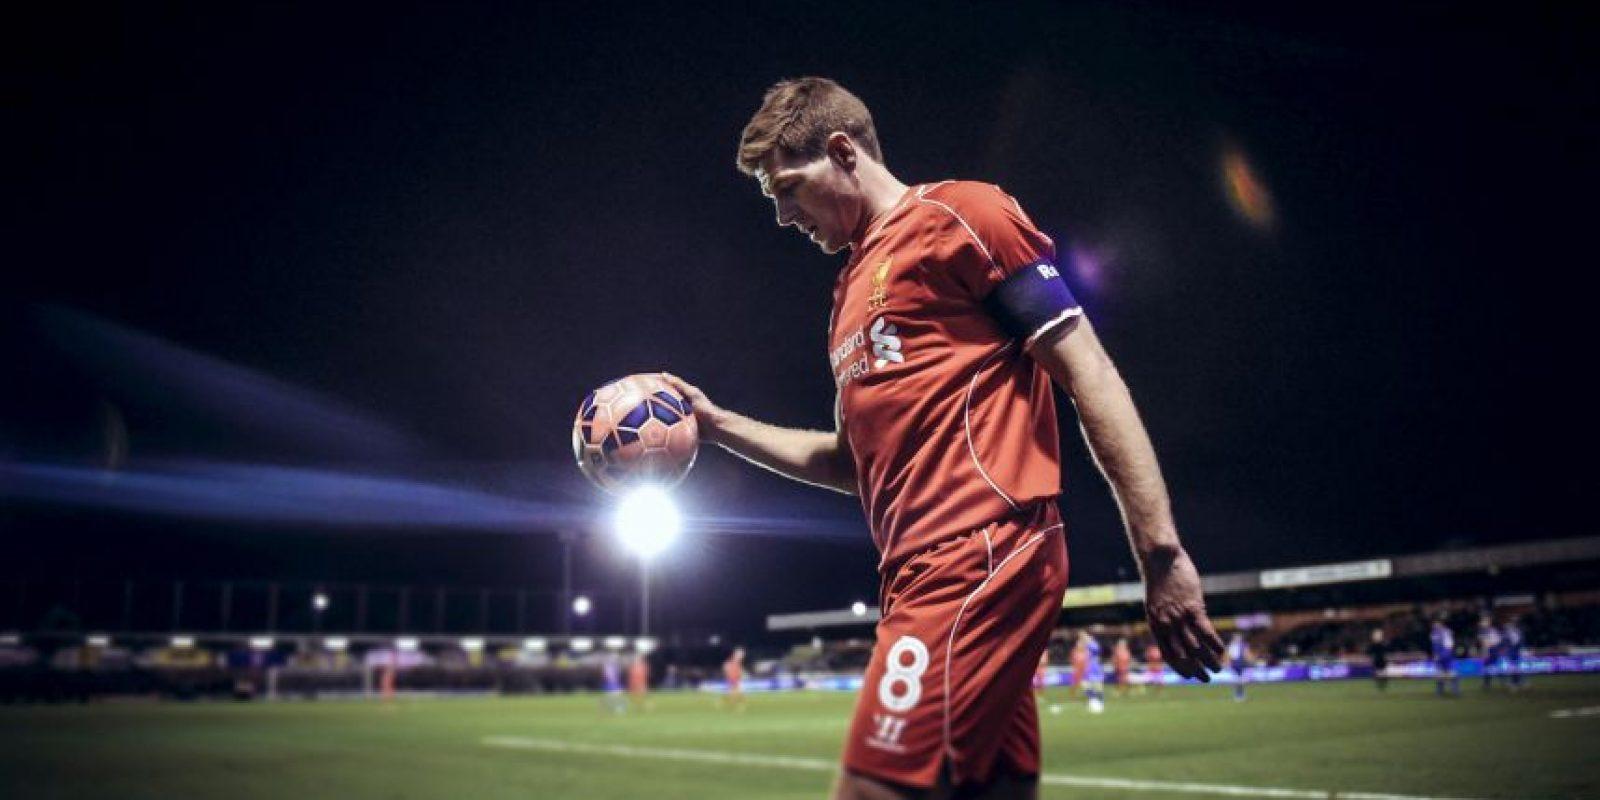 El líder del Liverpool, Steven Gerrard, también fue tomado en cuenta para la lista Foto:Getty Images